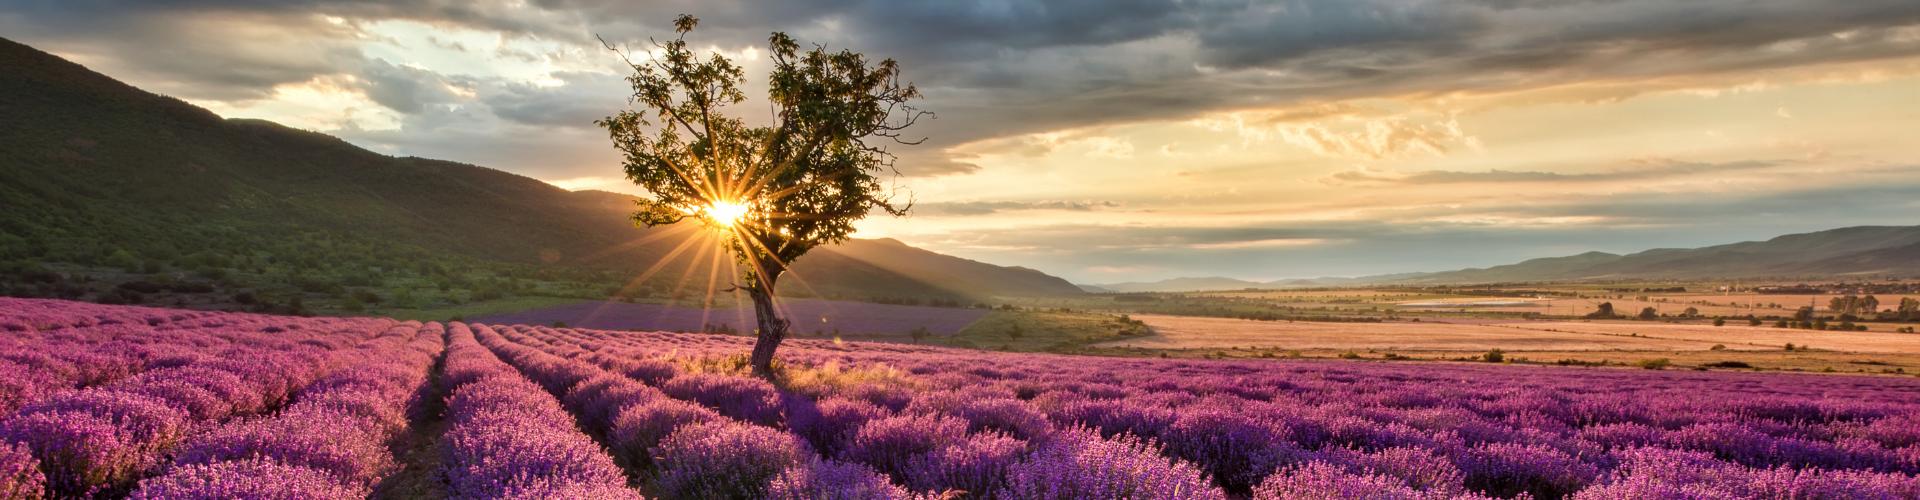 La lavande : semis, culture, récolte - Blog - Dr. Jonquille & Mr. Ail